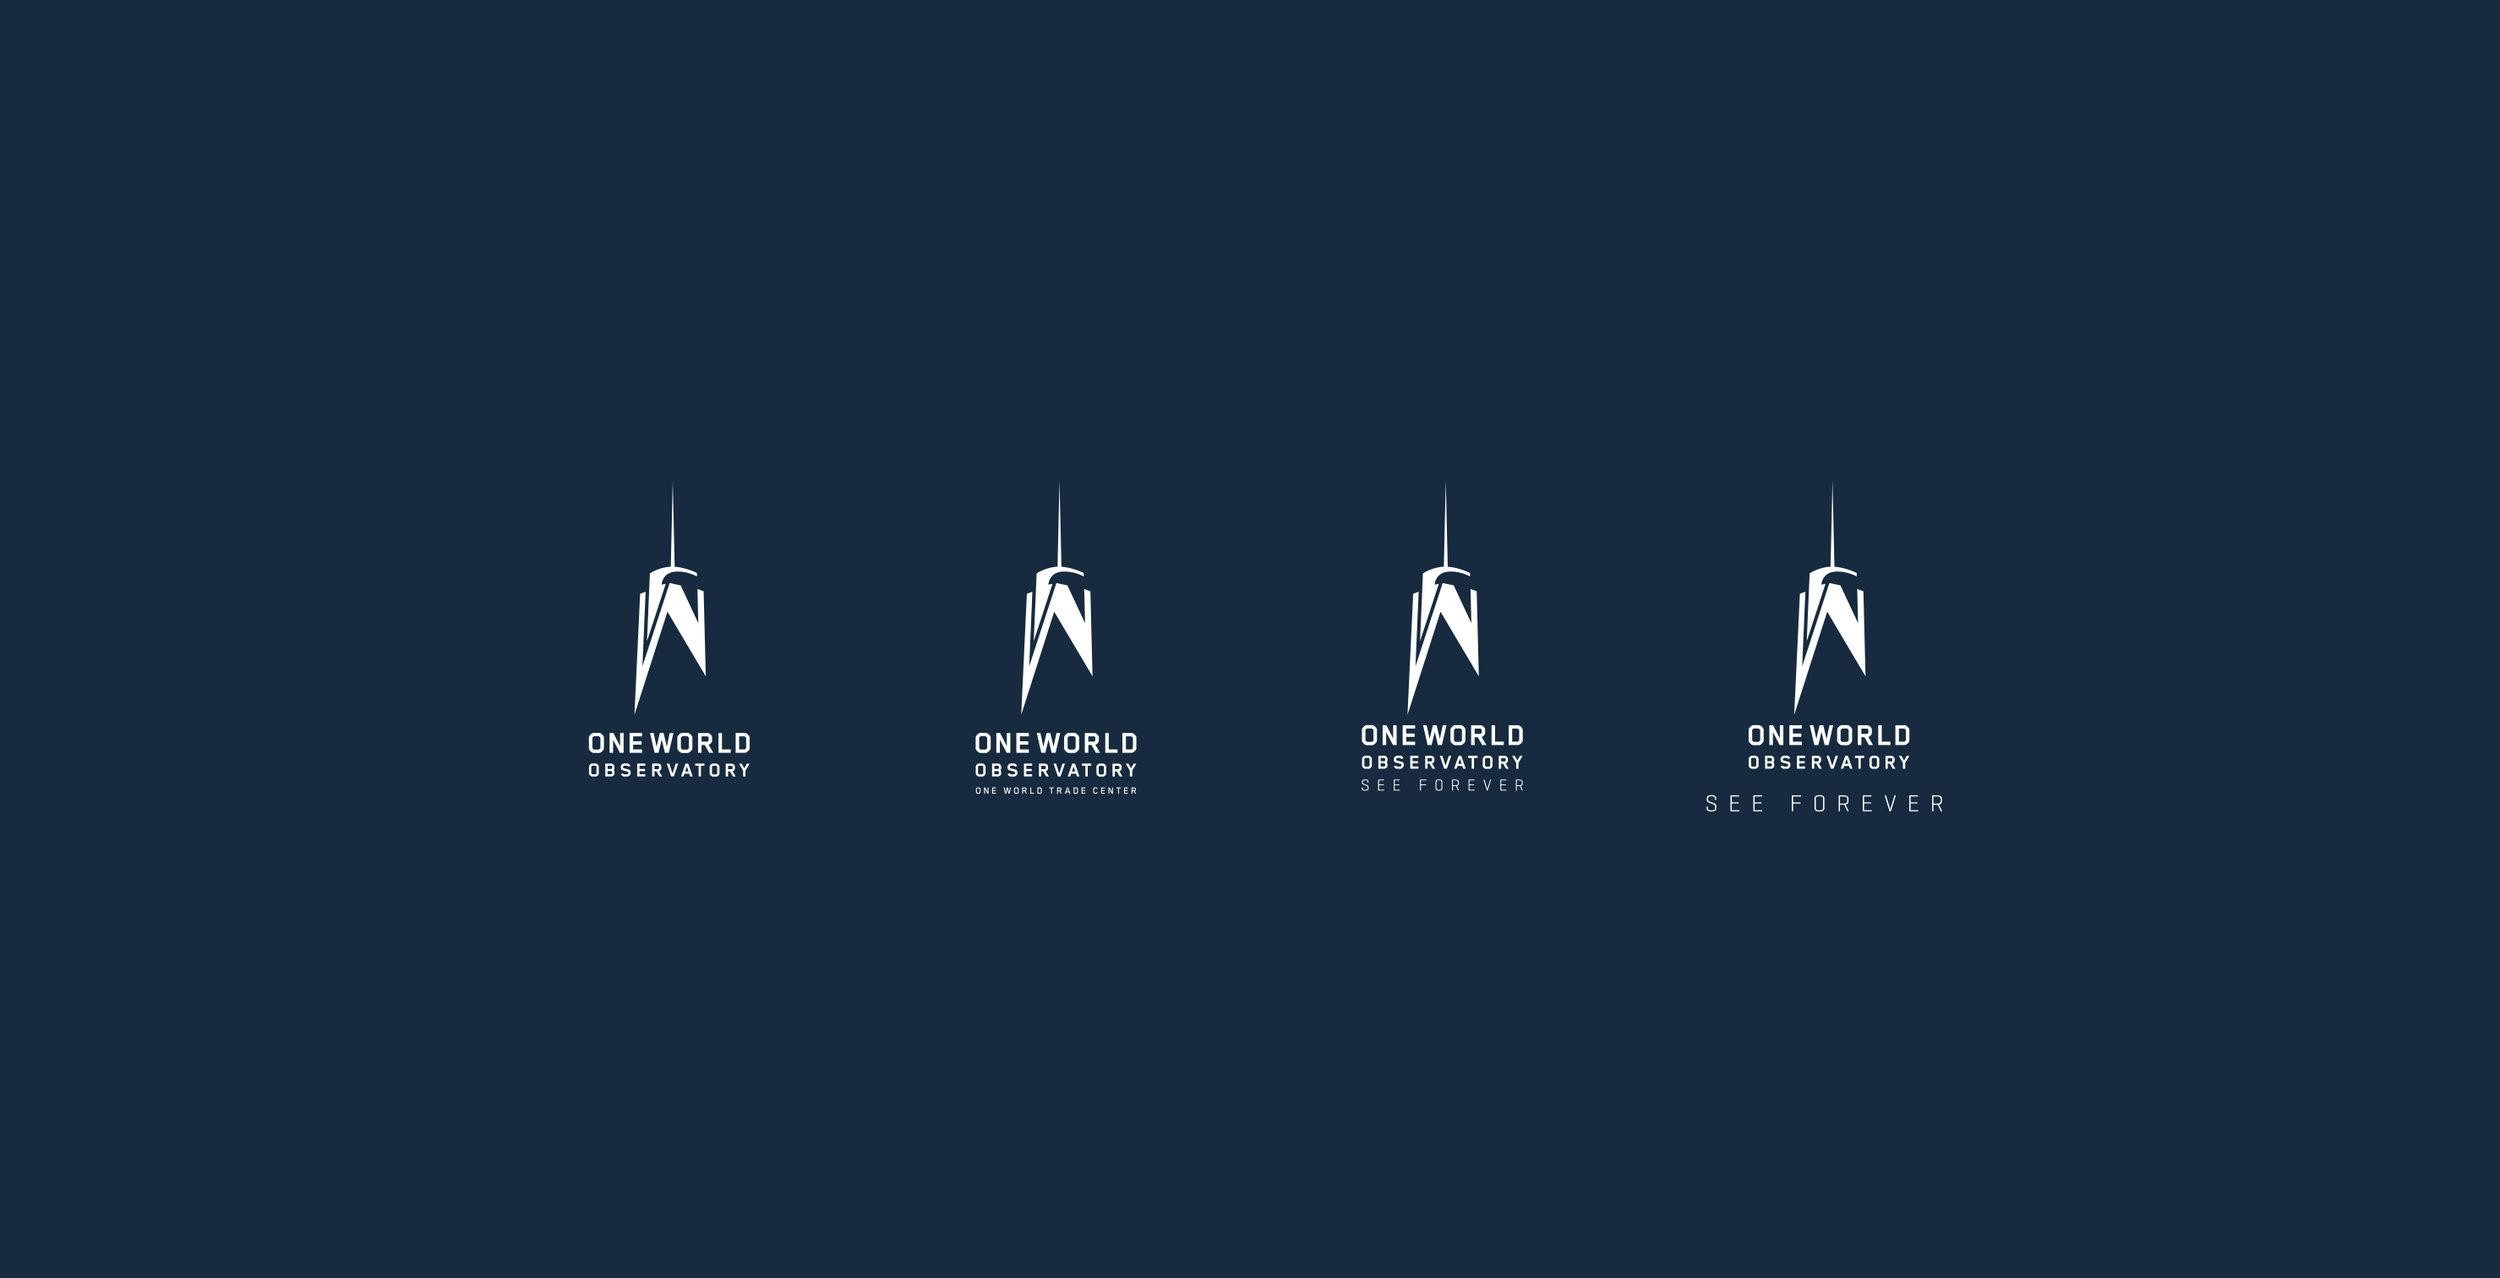 OWO-logos.jpg